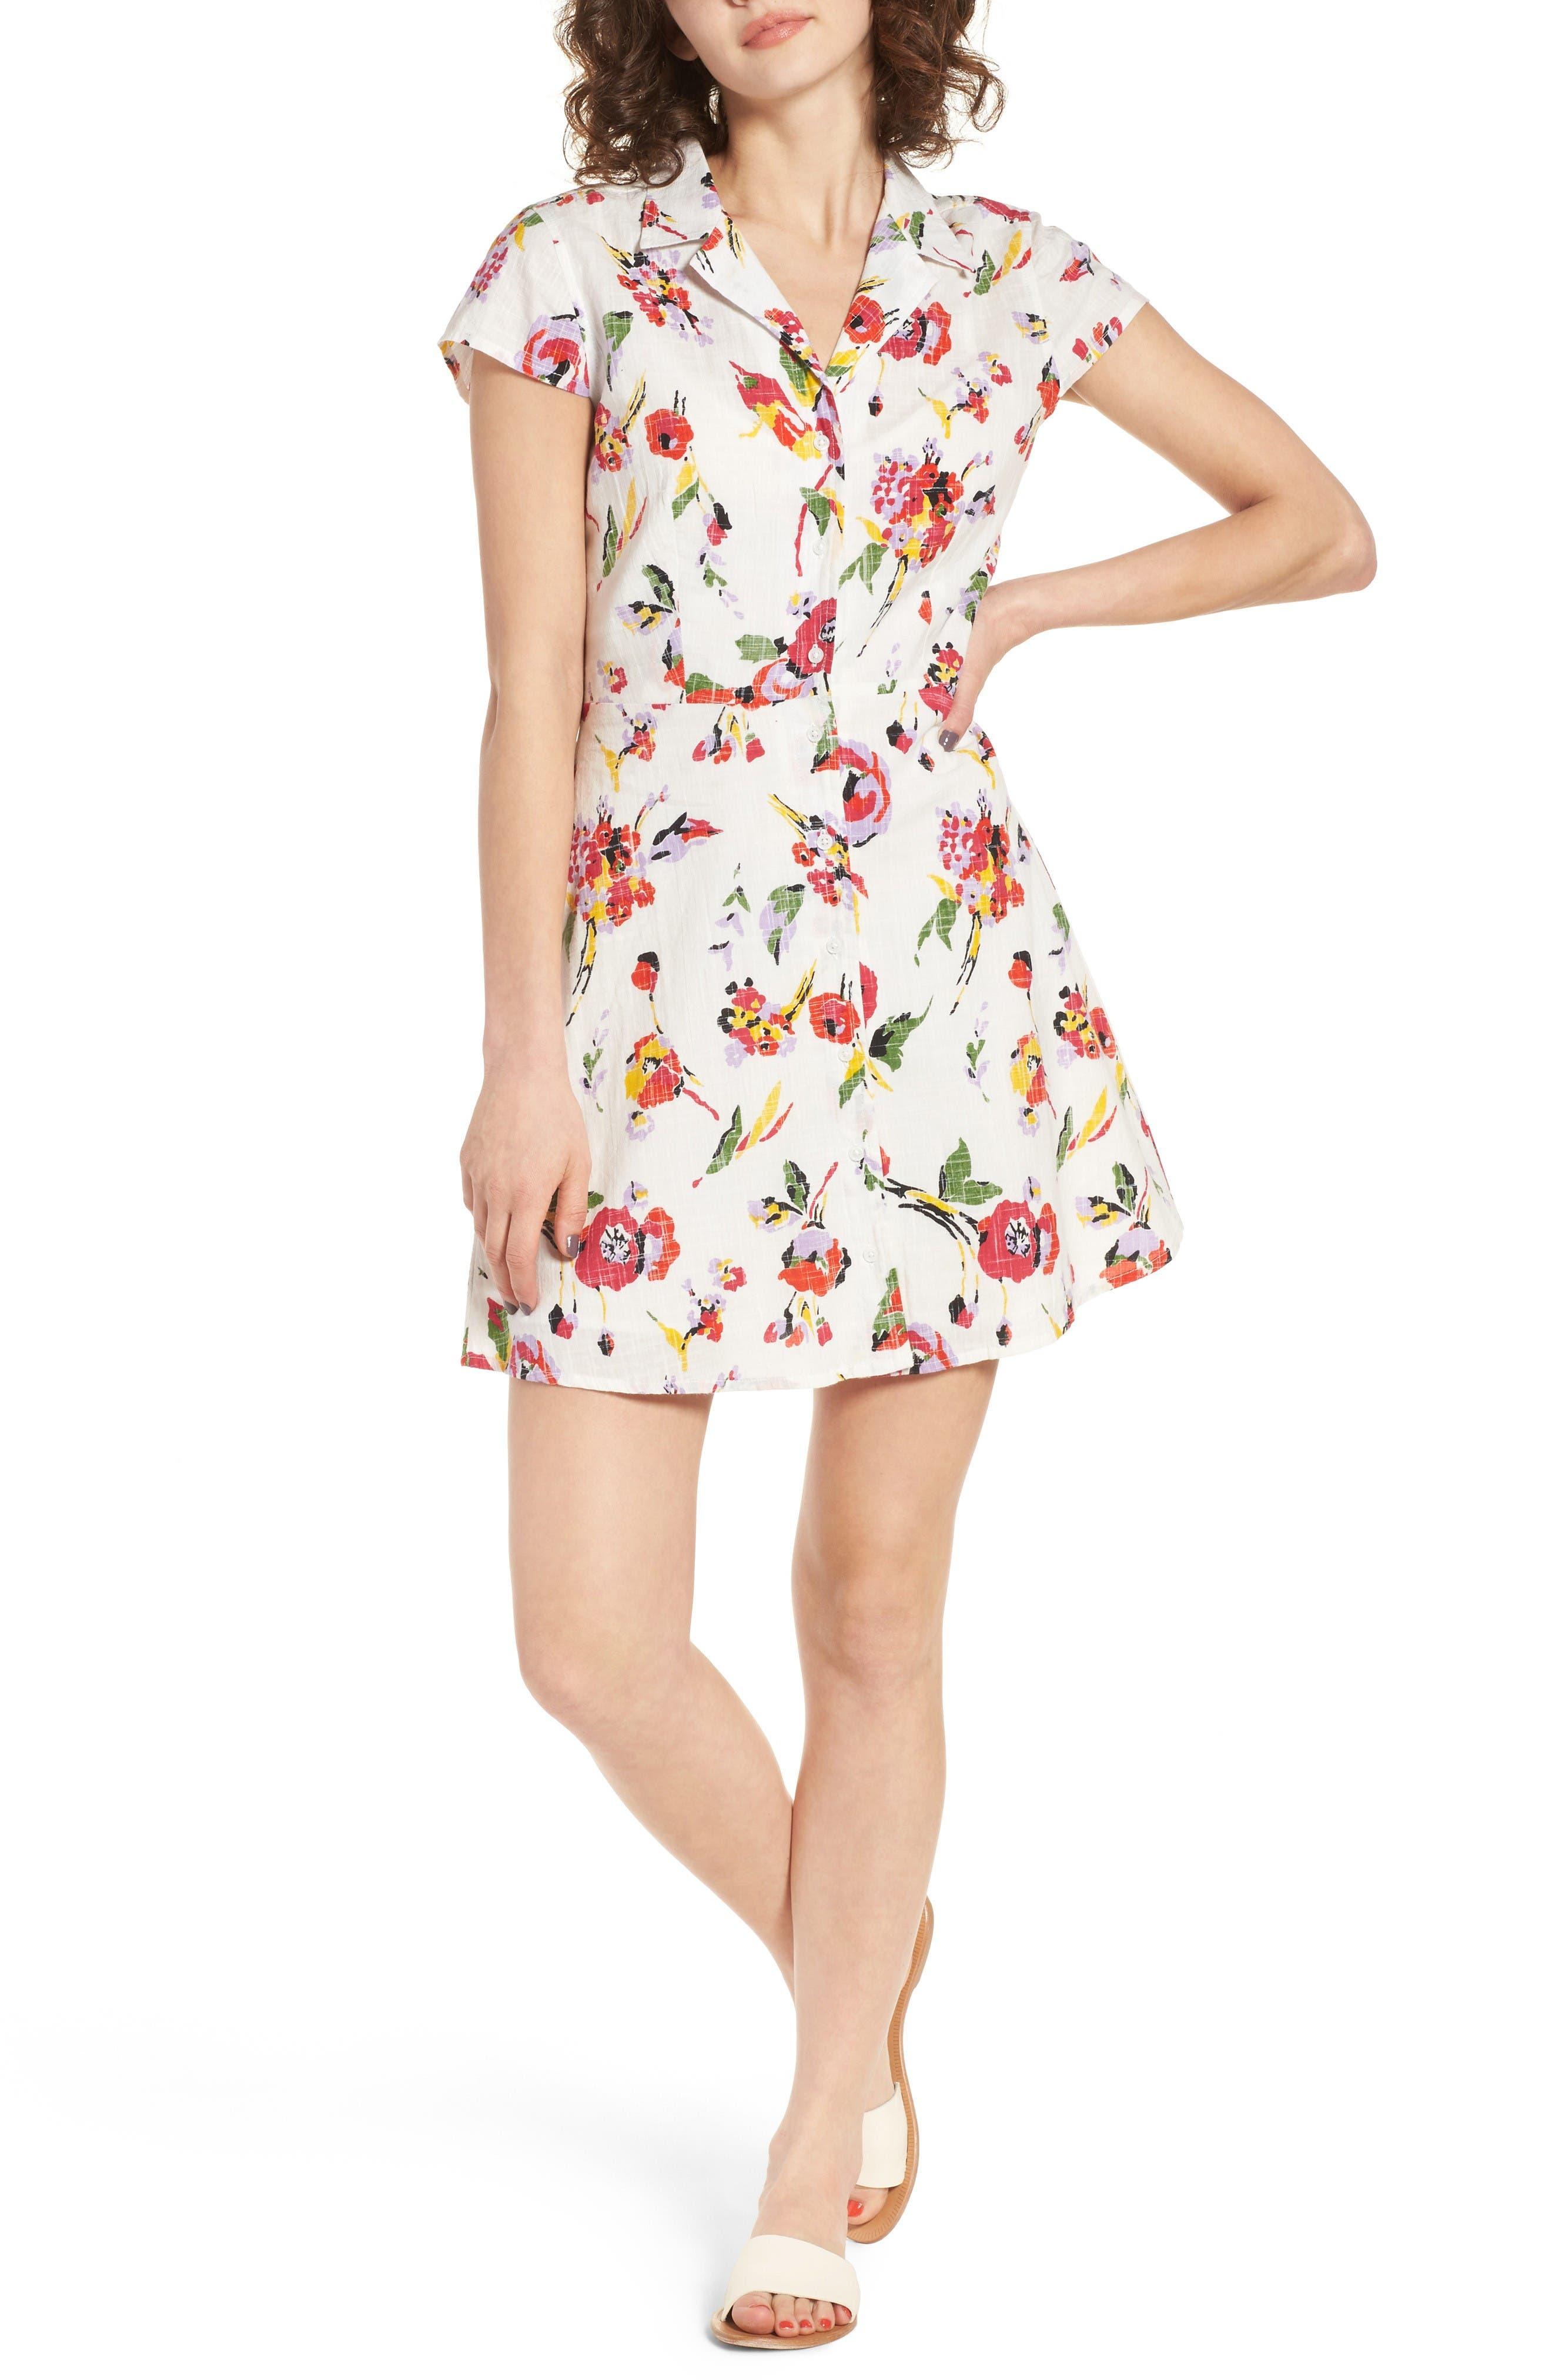 Obey Desi Floral Print Cotton Dress